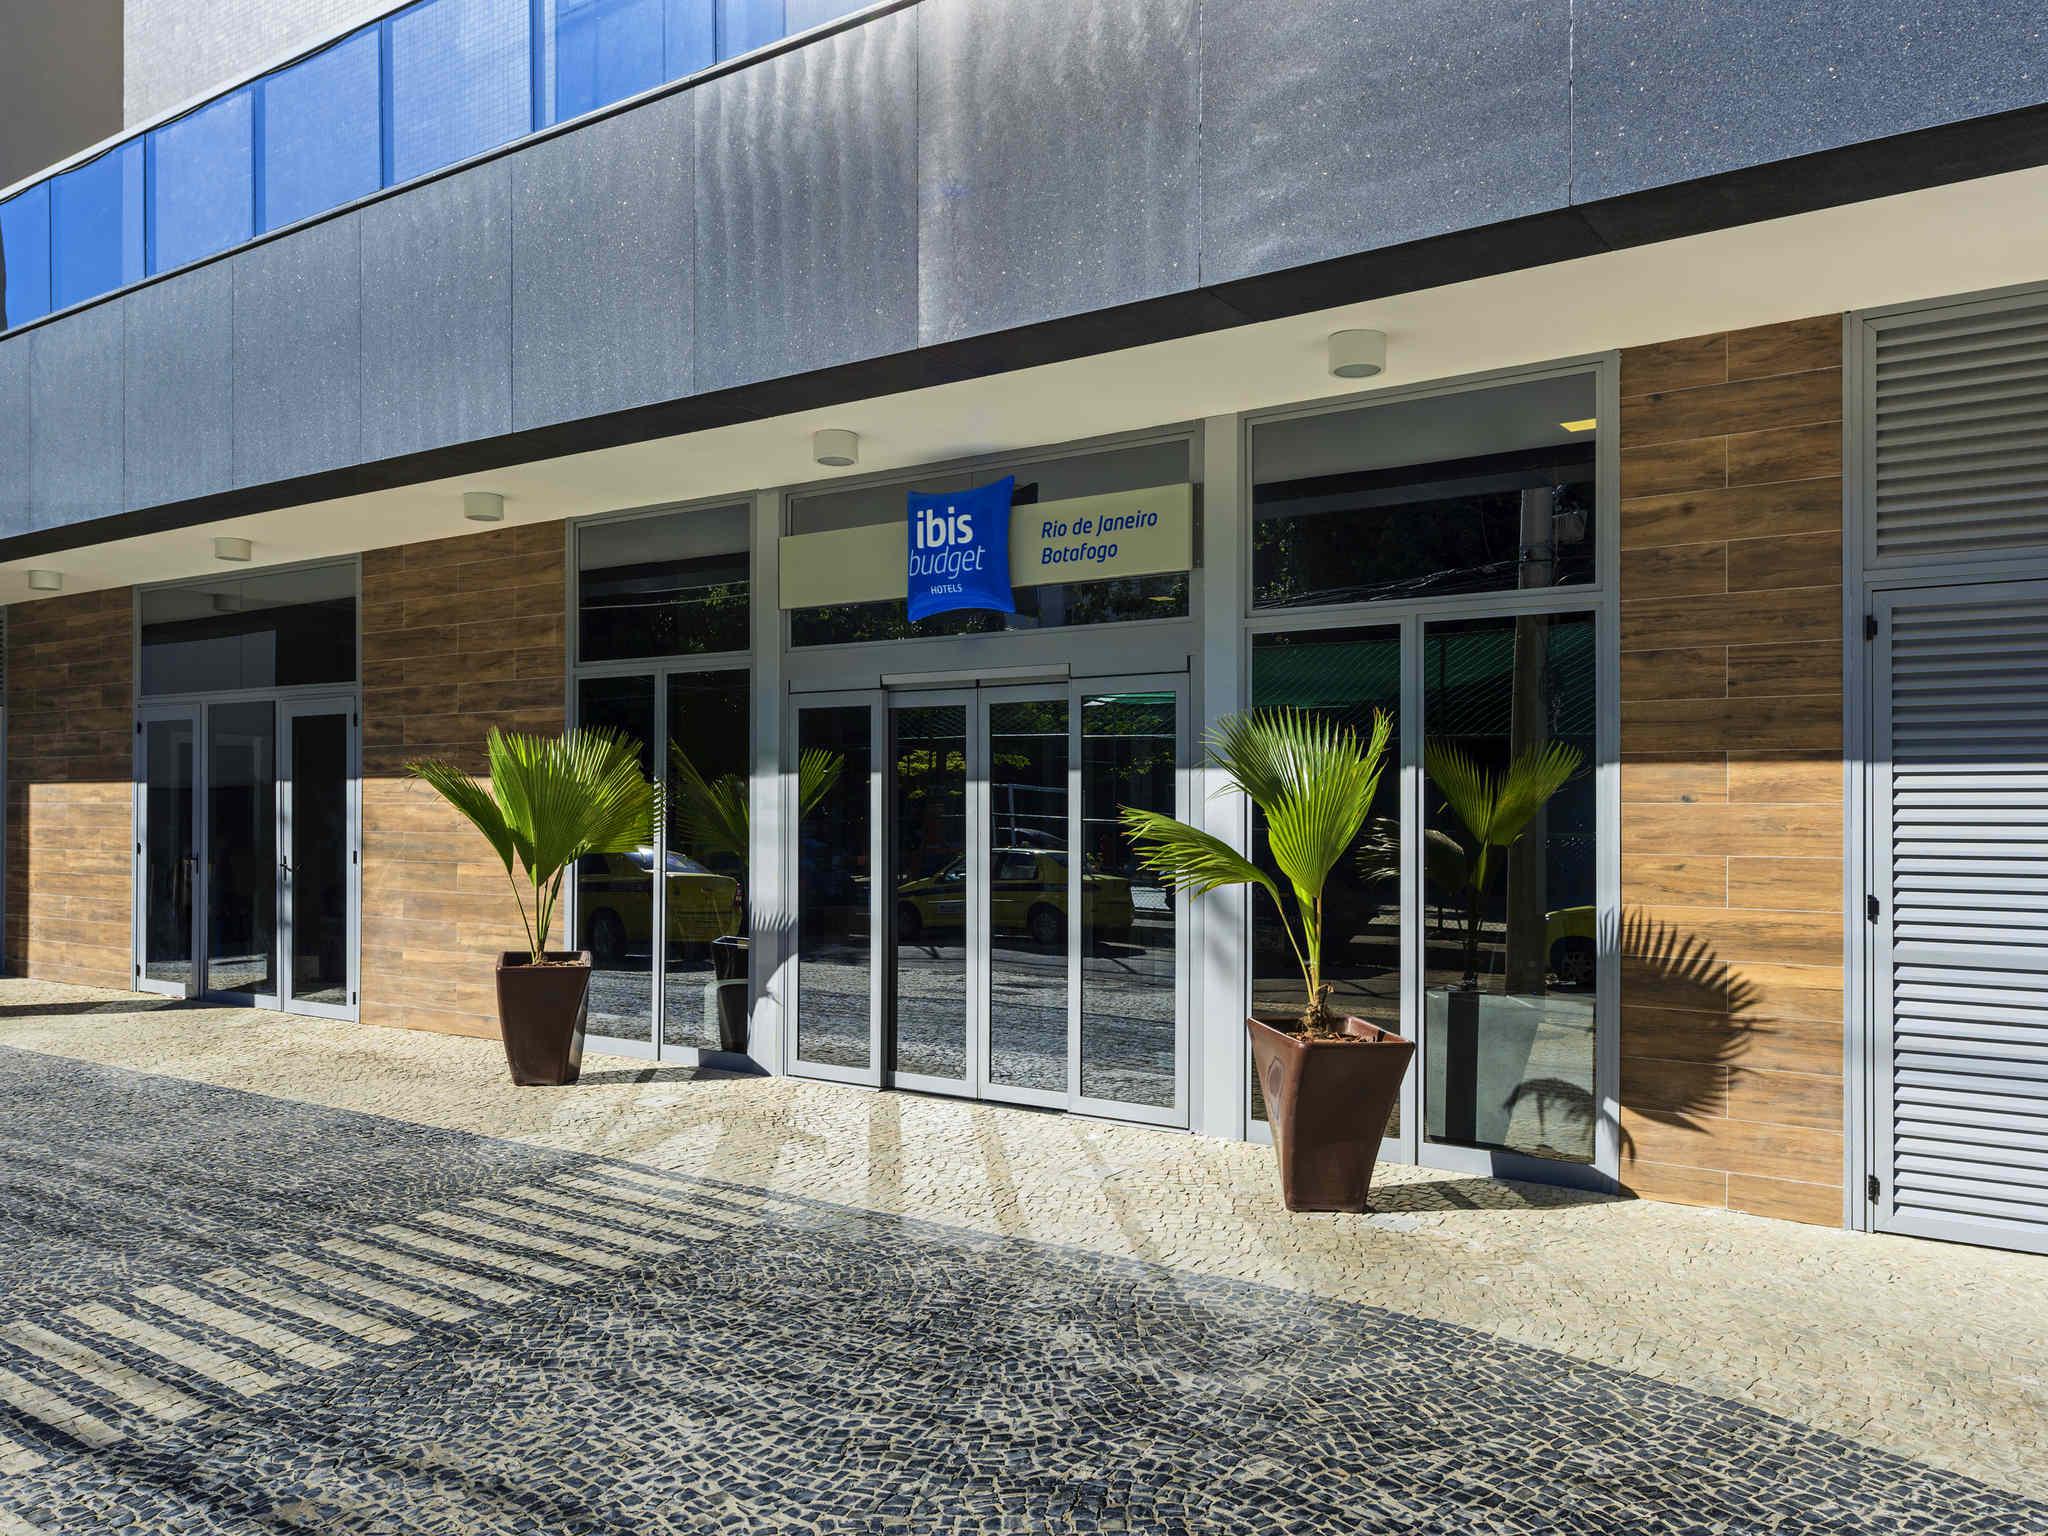 فندق - ibis budget RJ Praia de Botafogo